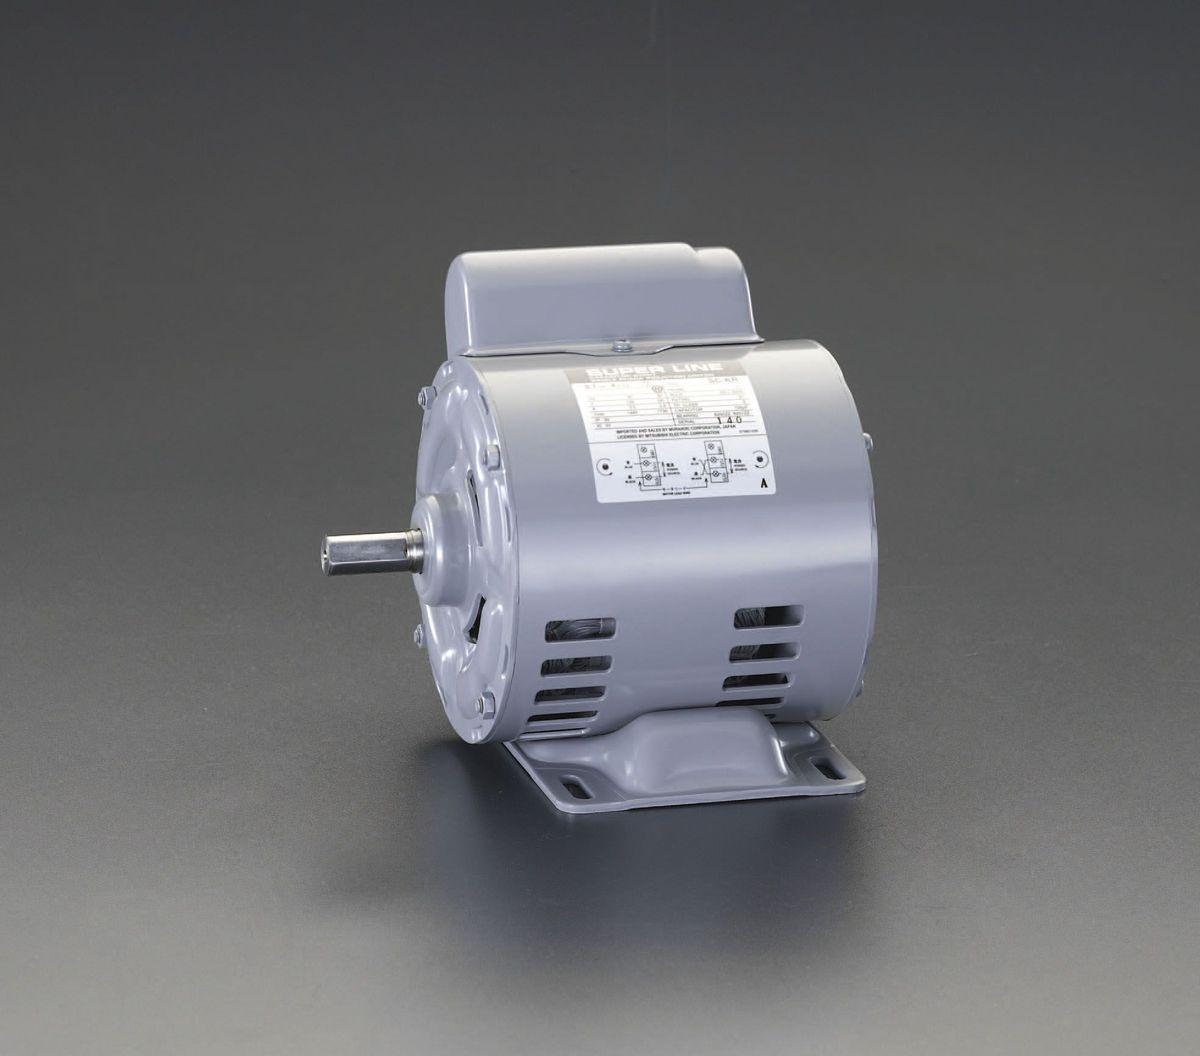 エスコ ESCO AC100V・400W 単相モーター コンデンサ始動式 000012232688 JP店